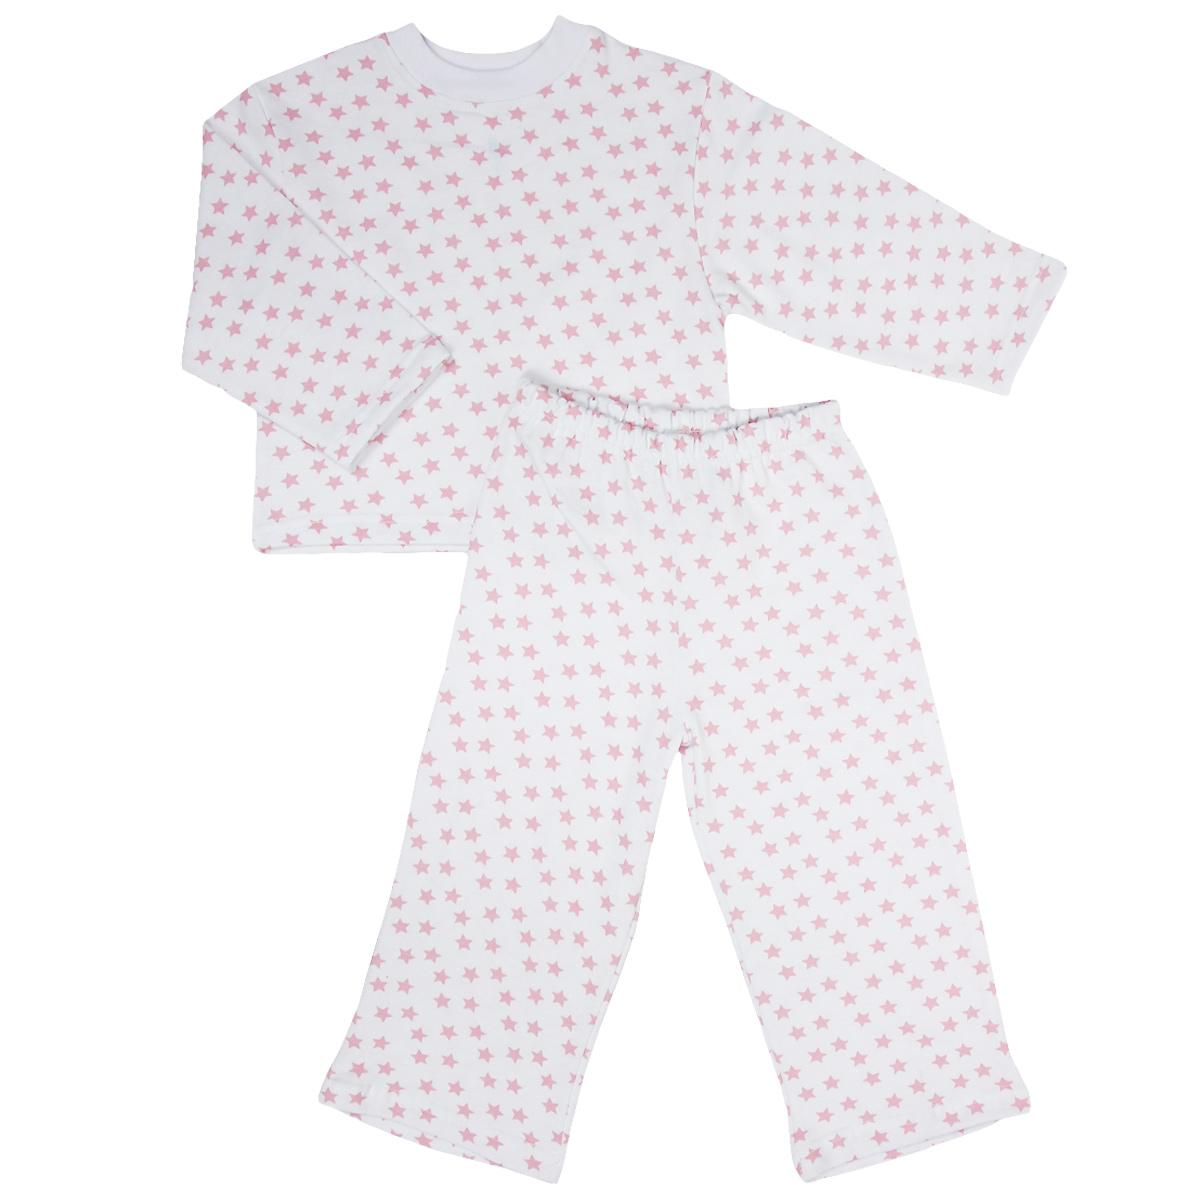 Пижама детская Трон-плюс, цвет: белый, розовый, рисунок звезды. 5553. Размер 134/140, 9-12 лет